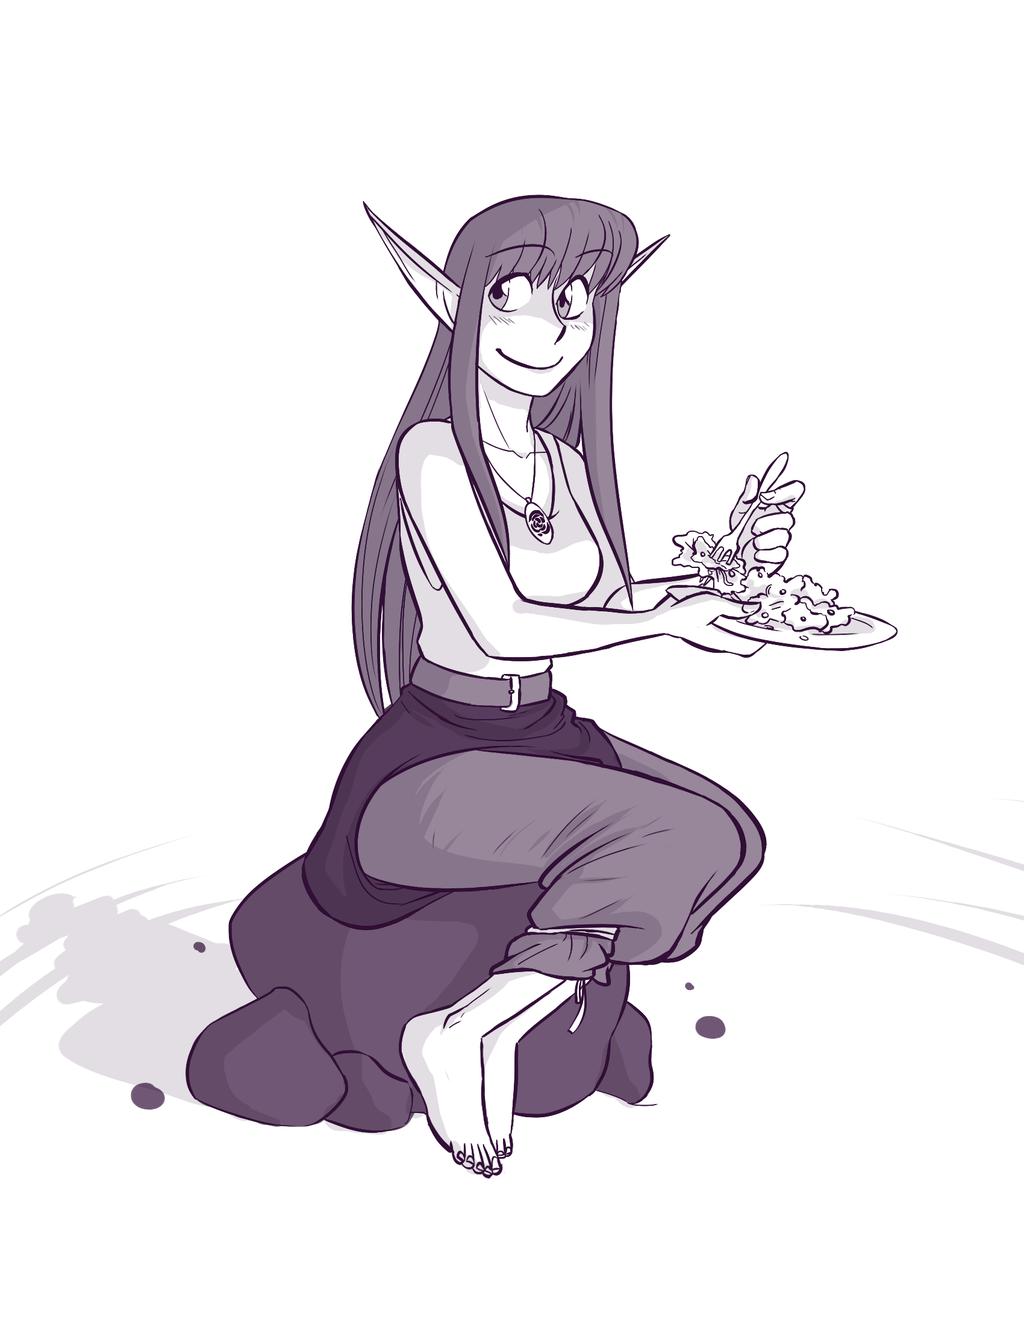 Dahlia Eats a Salad